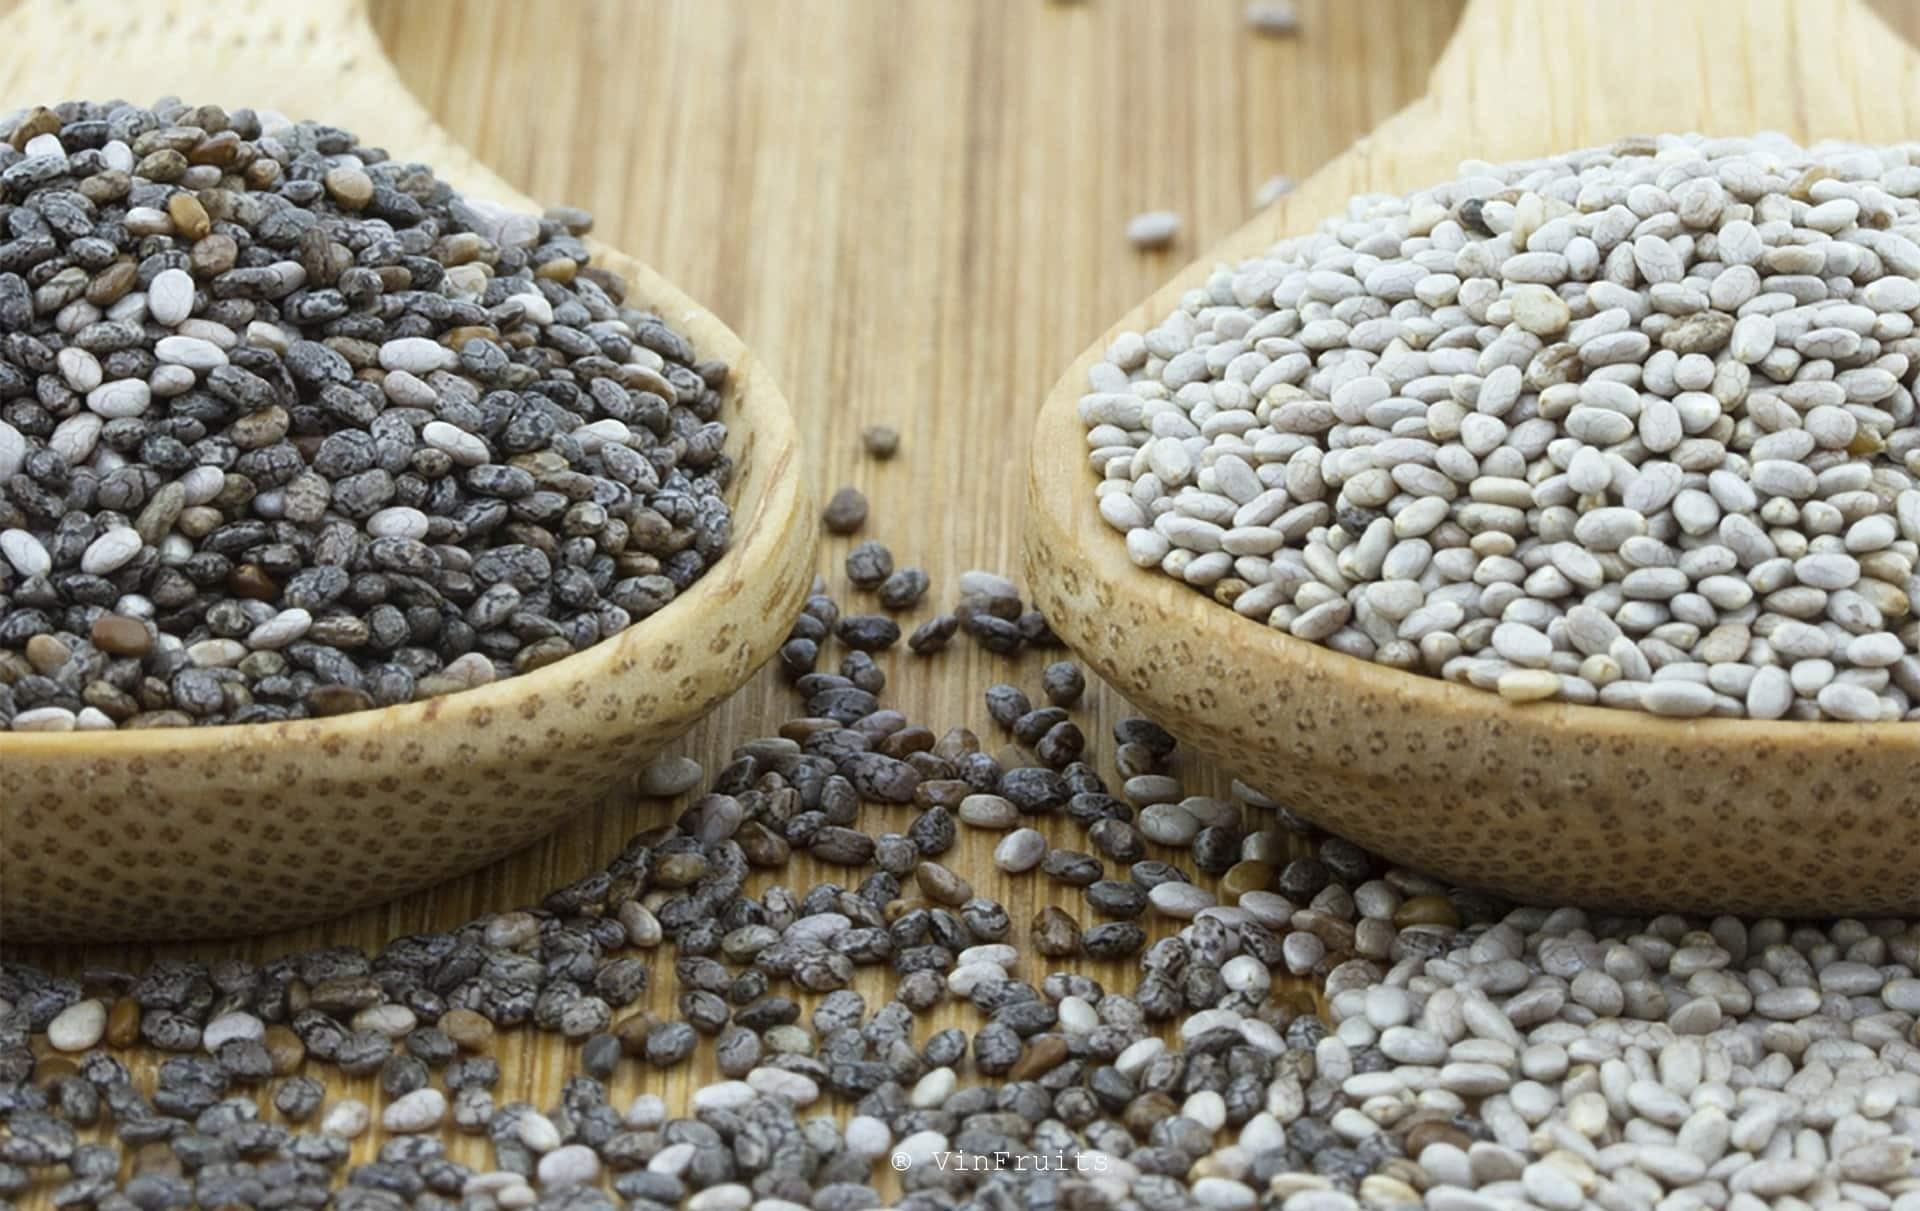 hạt chia, thảo mộc, 10 tác dụng của hạt chia, tác dụng của hạt chia, sức khỏe, uống, axit béo, béo phì, loãng xương, muống, giảm cân, chia seed, sữa, thảo mộc, tác dụng của hạt chia, hạt chia có tác dụng gì, công dụng hạt chia, 10 tác dụng của hạt chia, hạt chia có công dụng gì